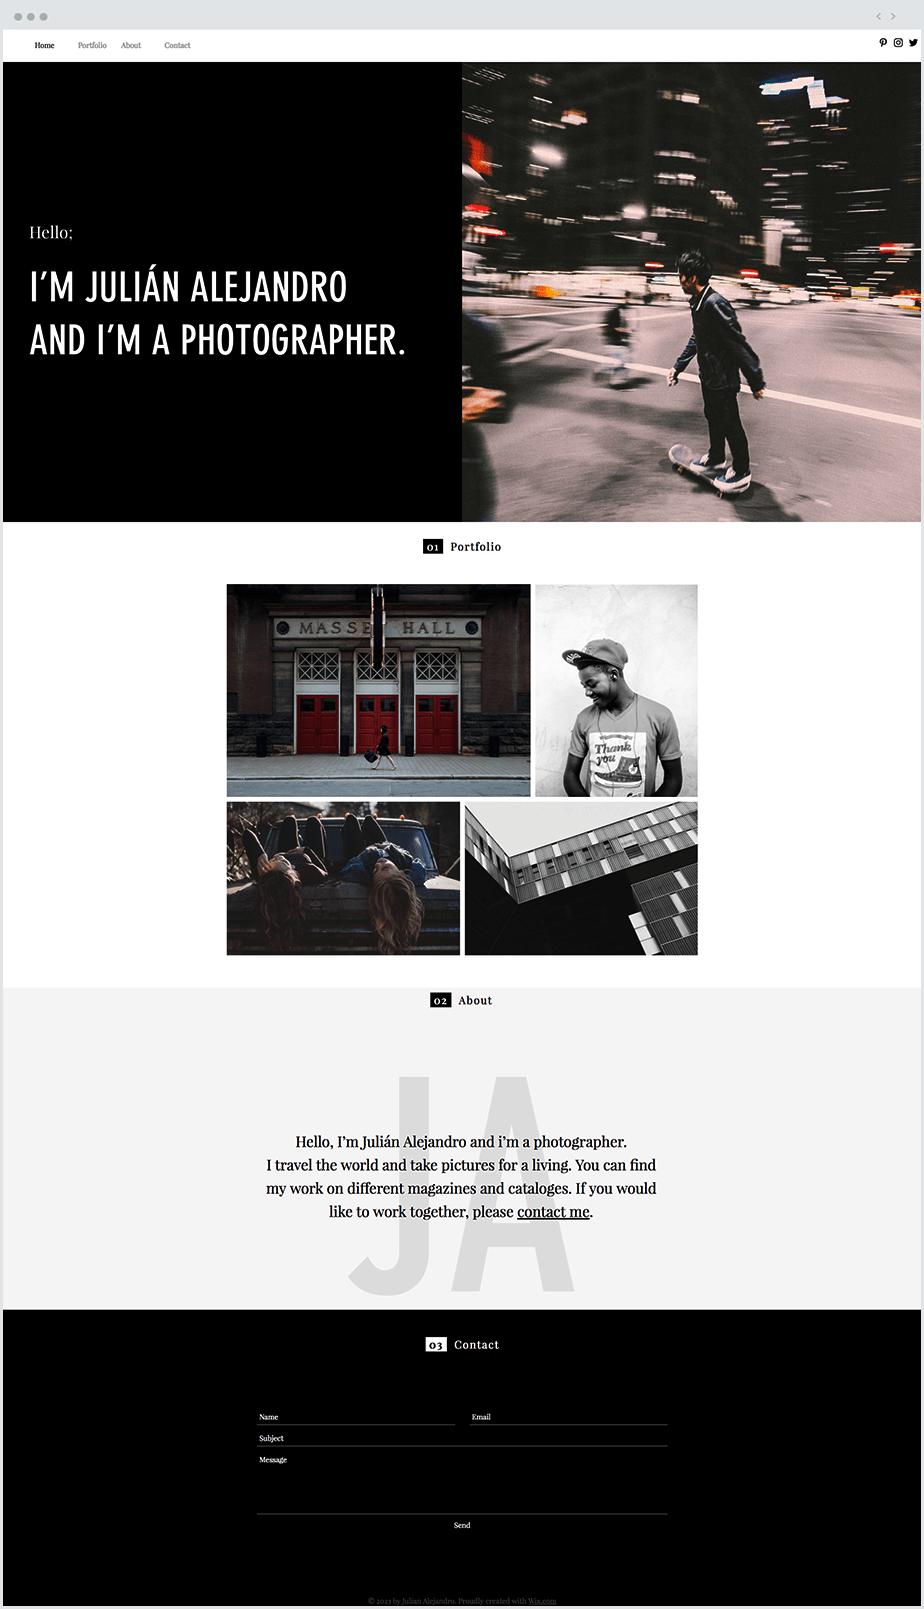 Screenshot of a Wix website template